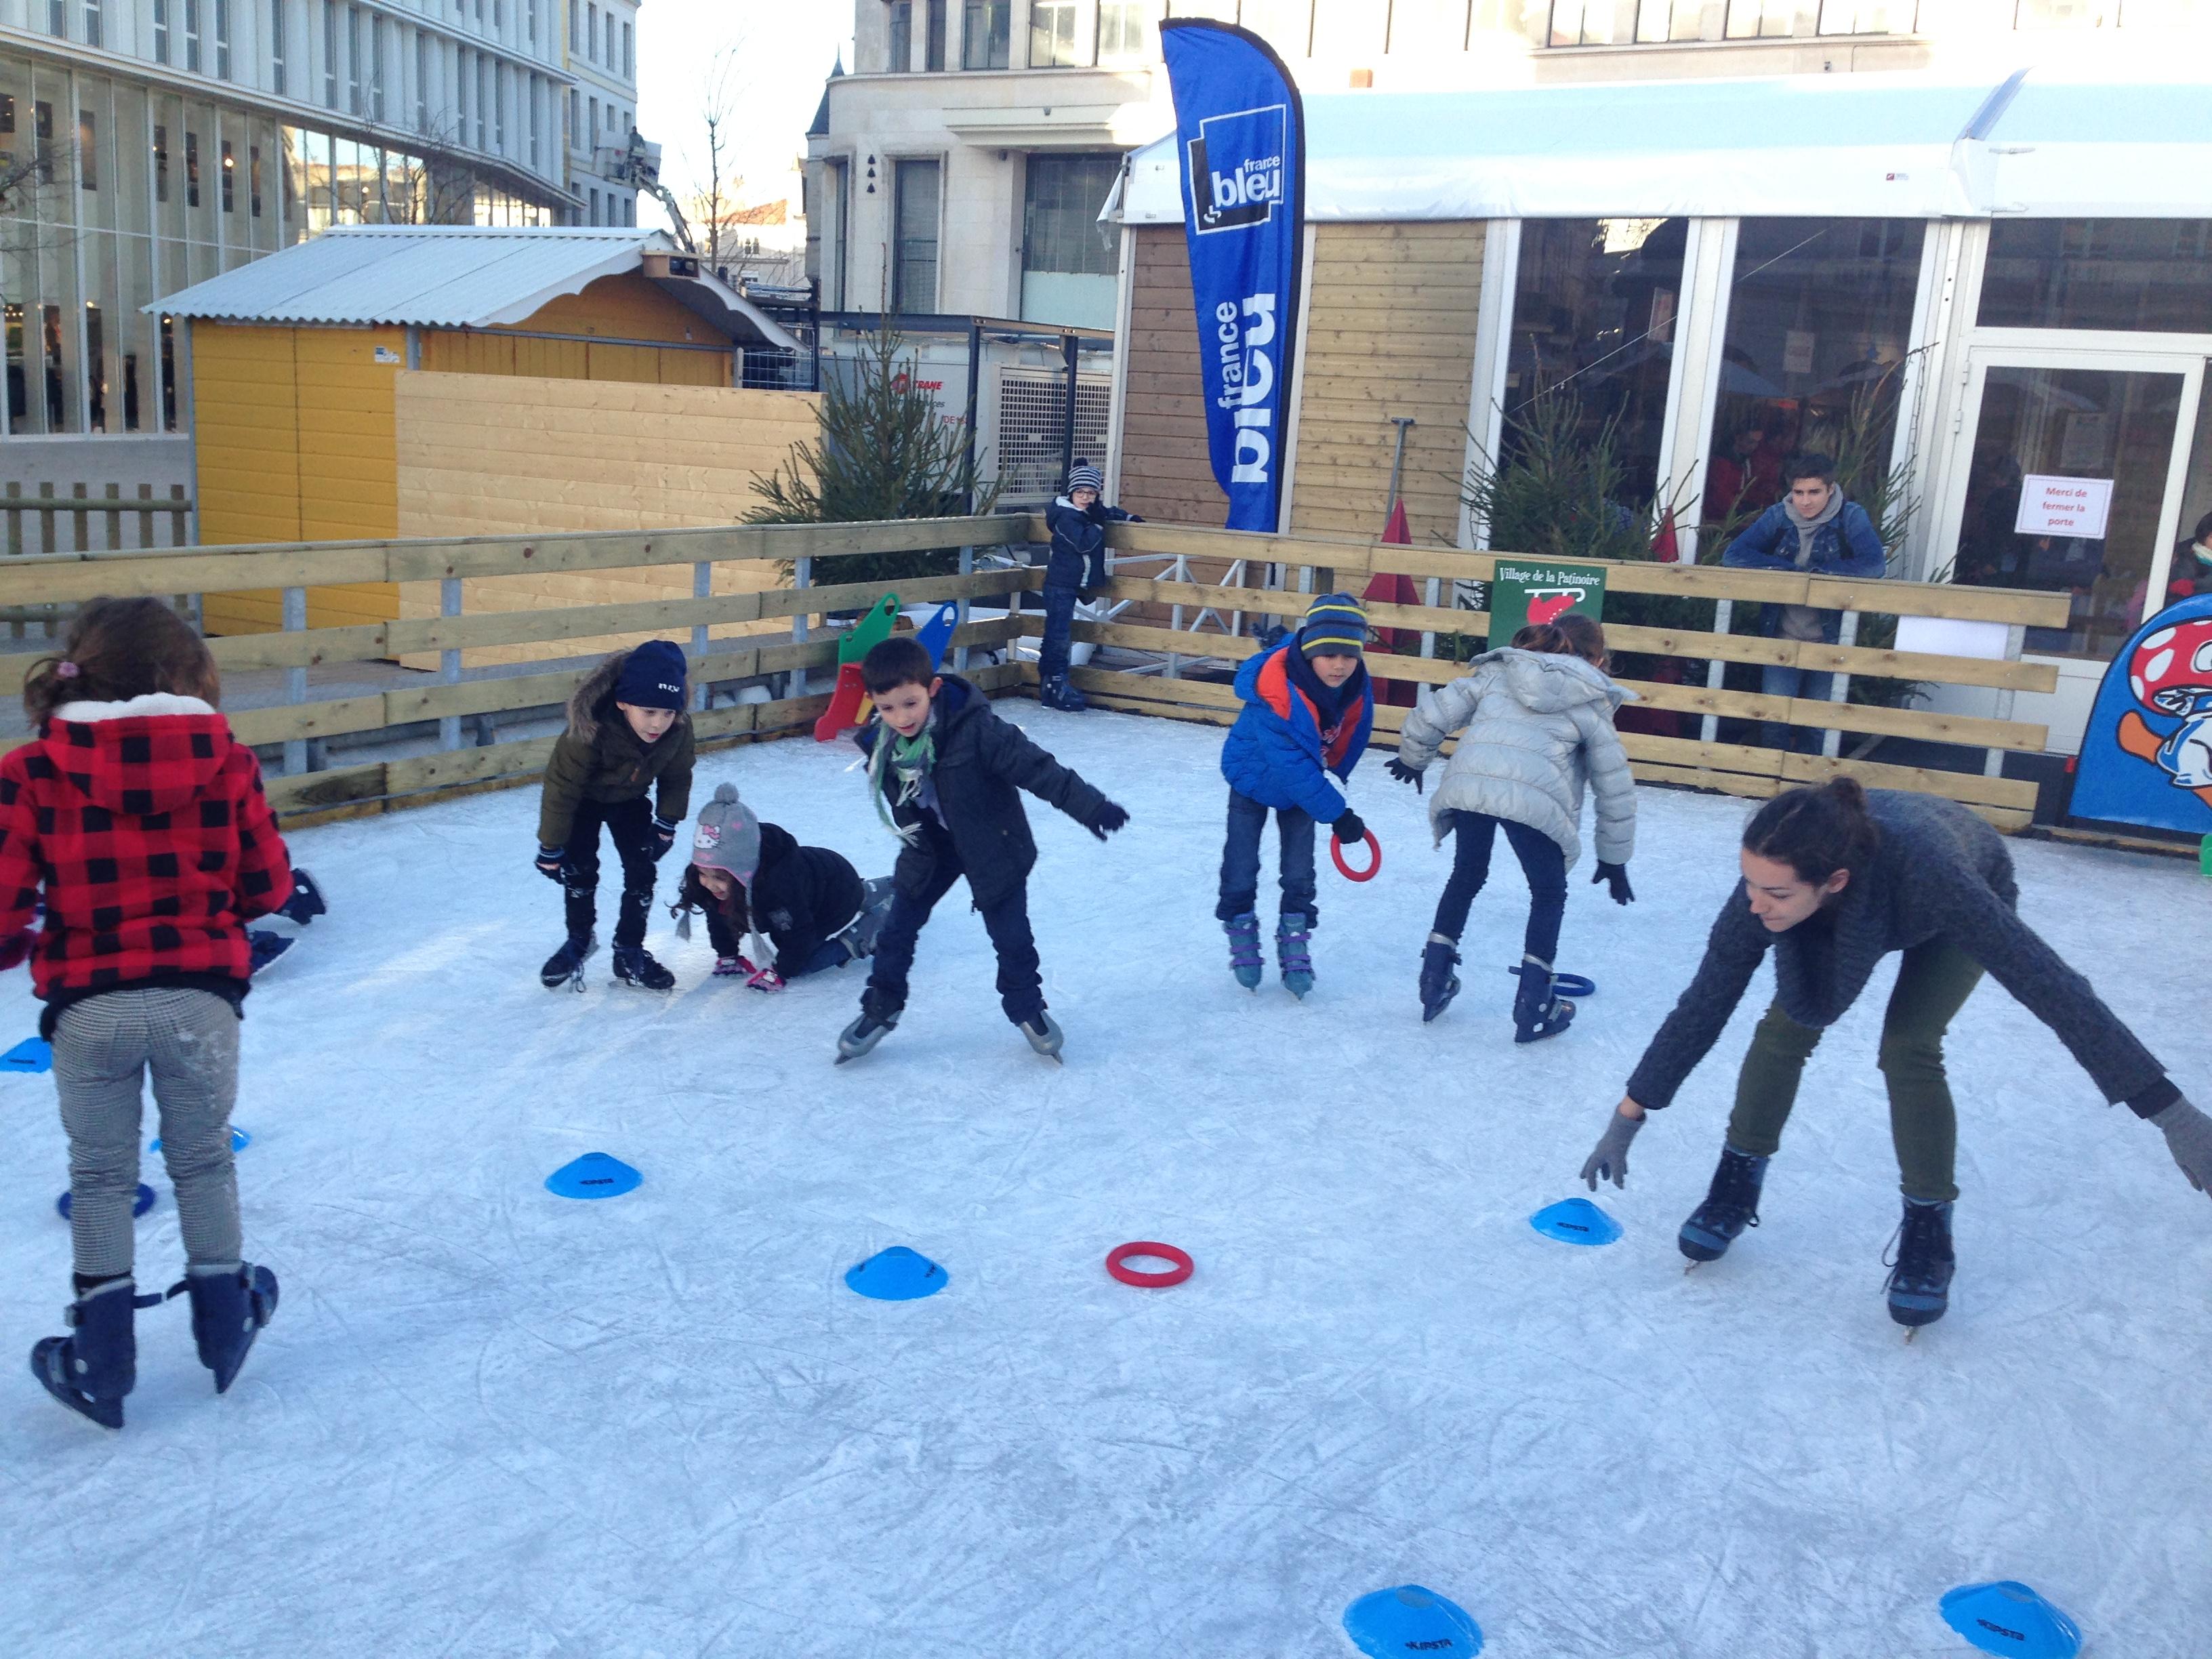 Sortie la patinoire du centre ville de poitiers les for Horaire piscine poitiers